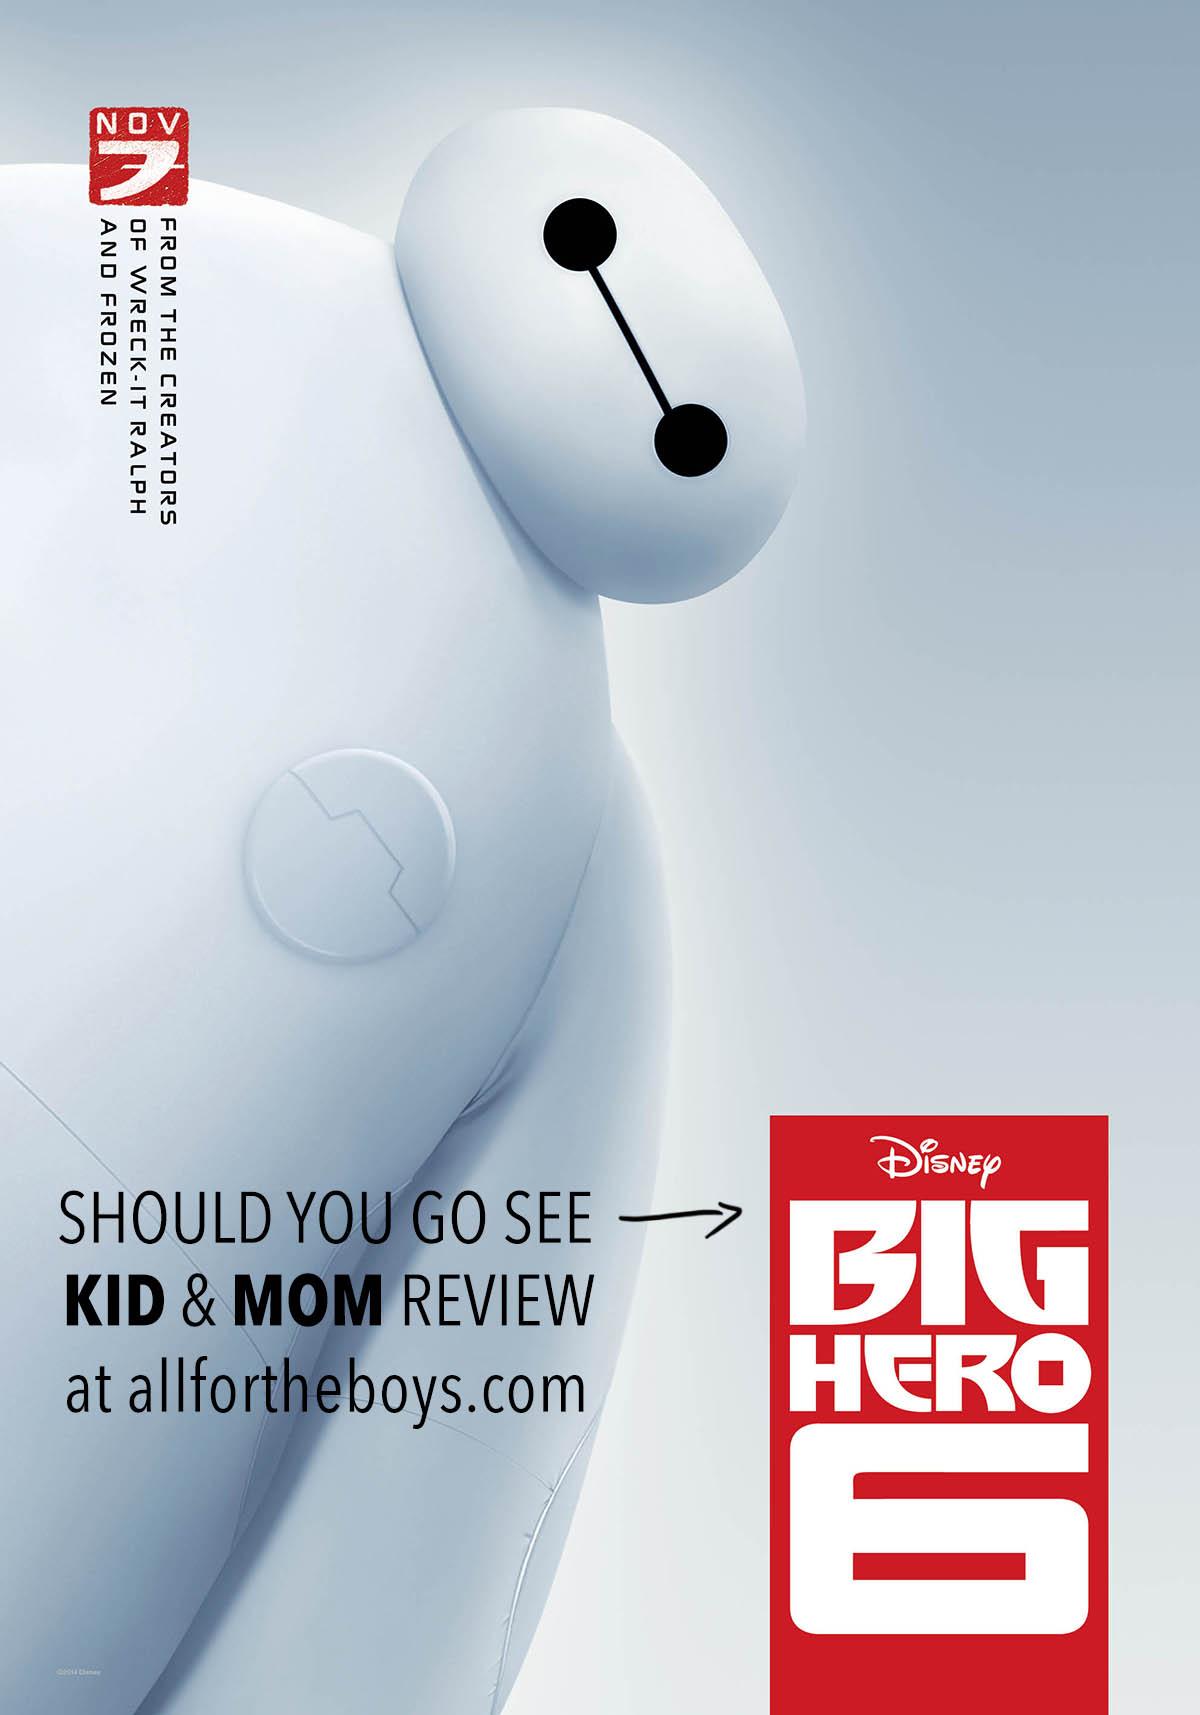 Disney's Big Hero 6 Review